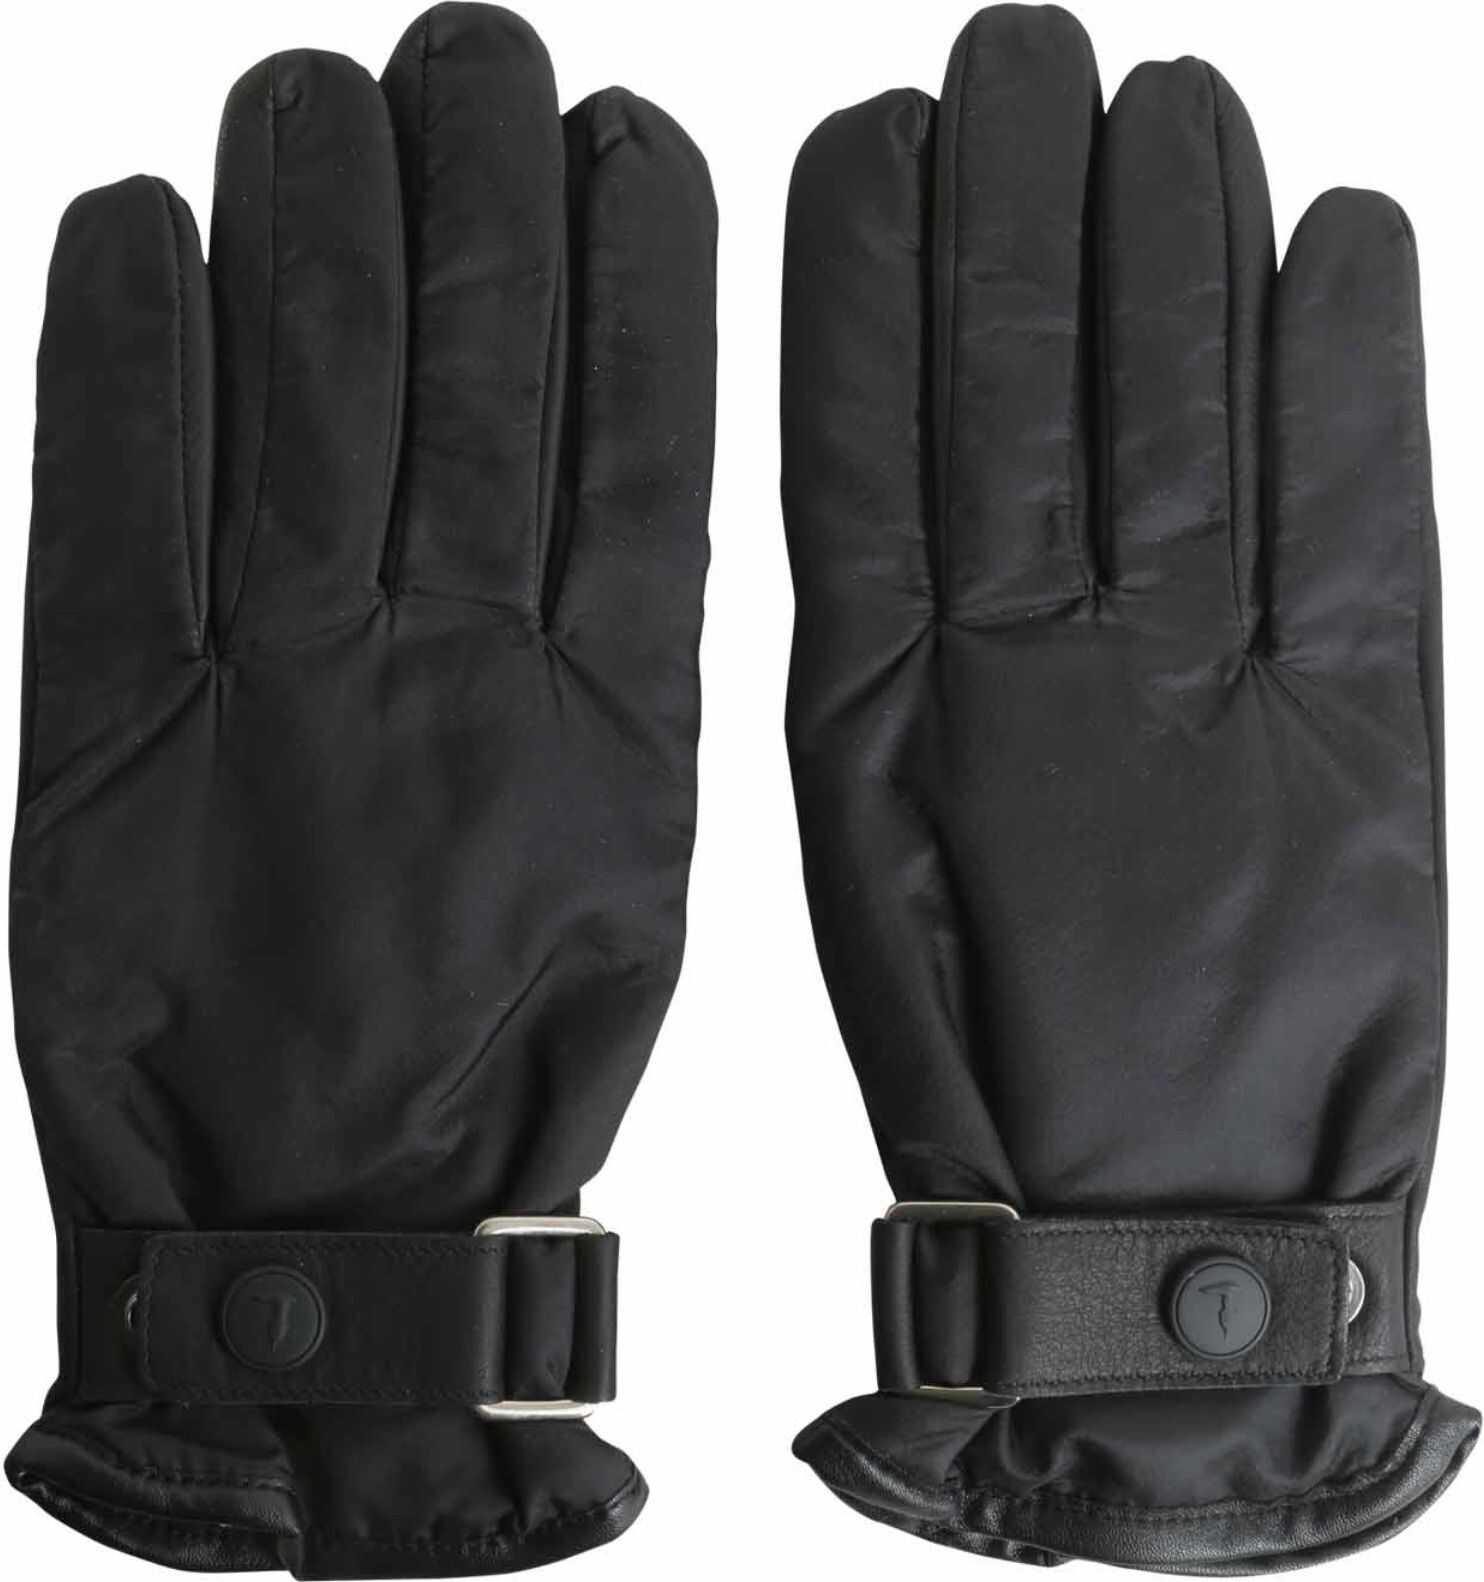 Tru Trussardi Gloves With Strap BLACK